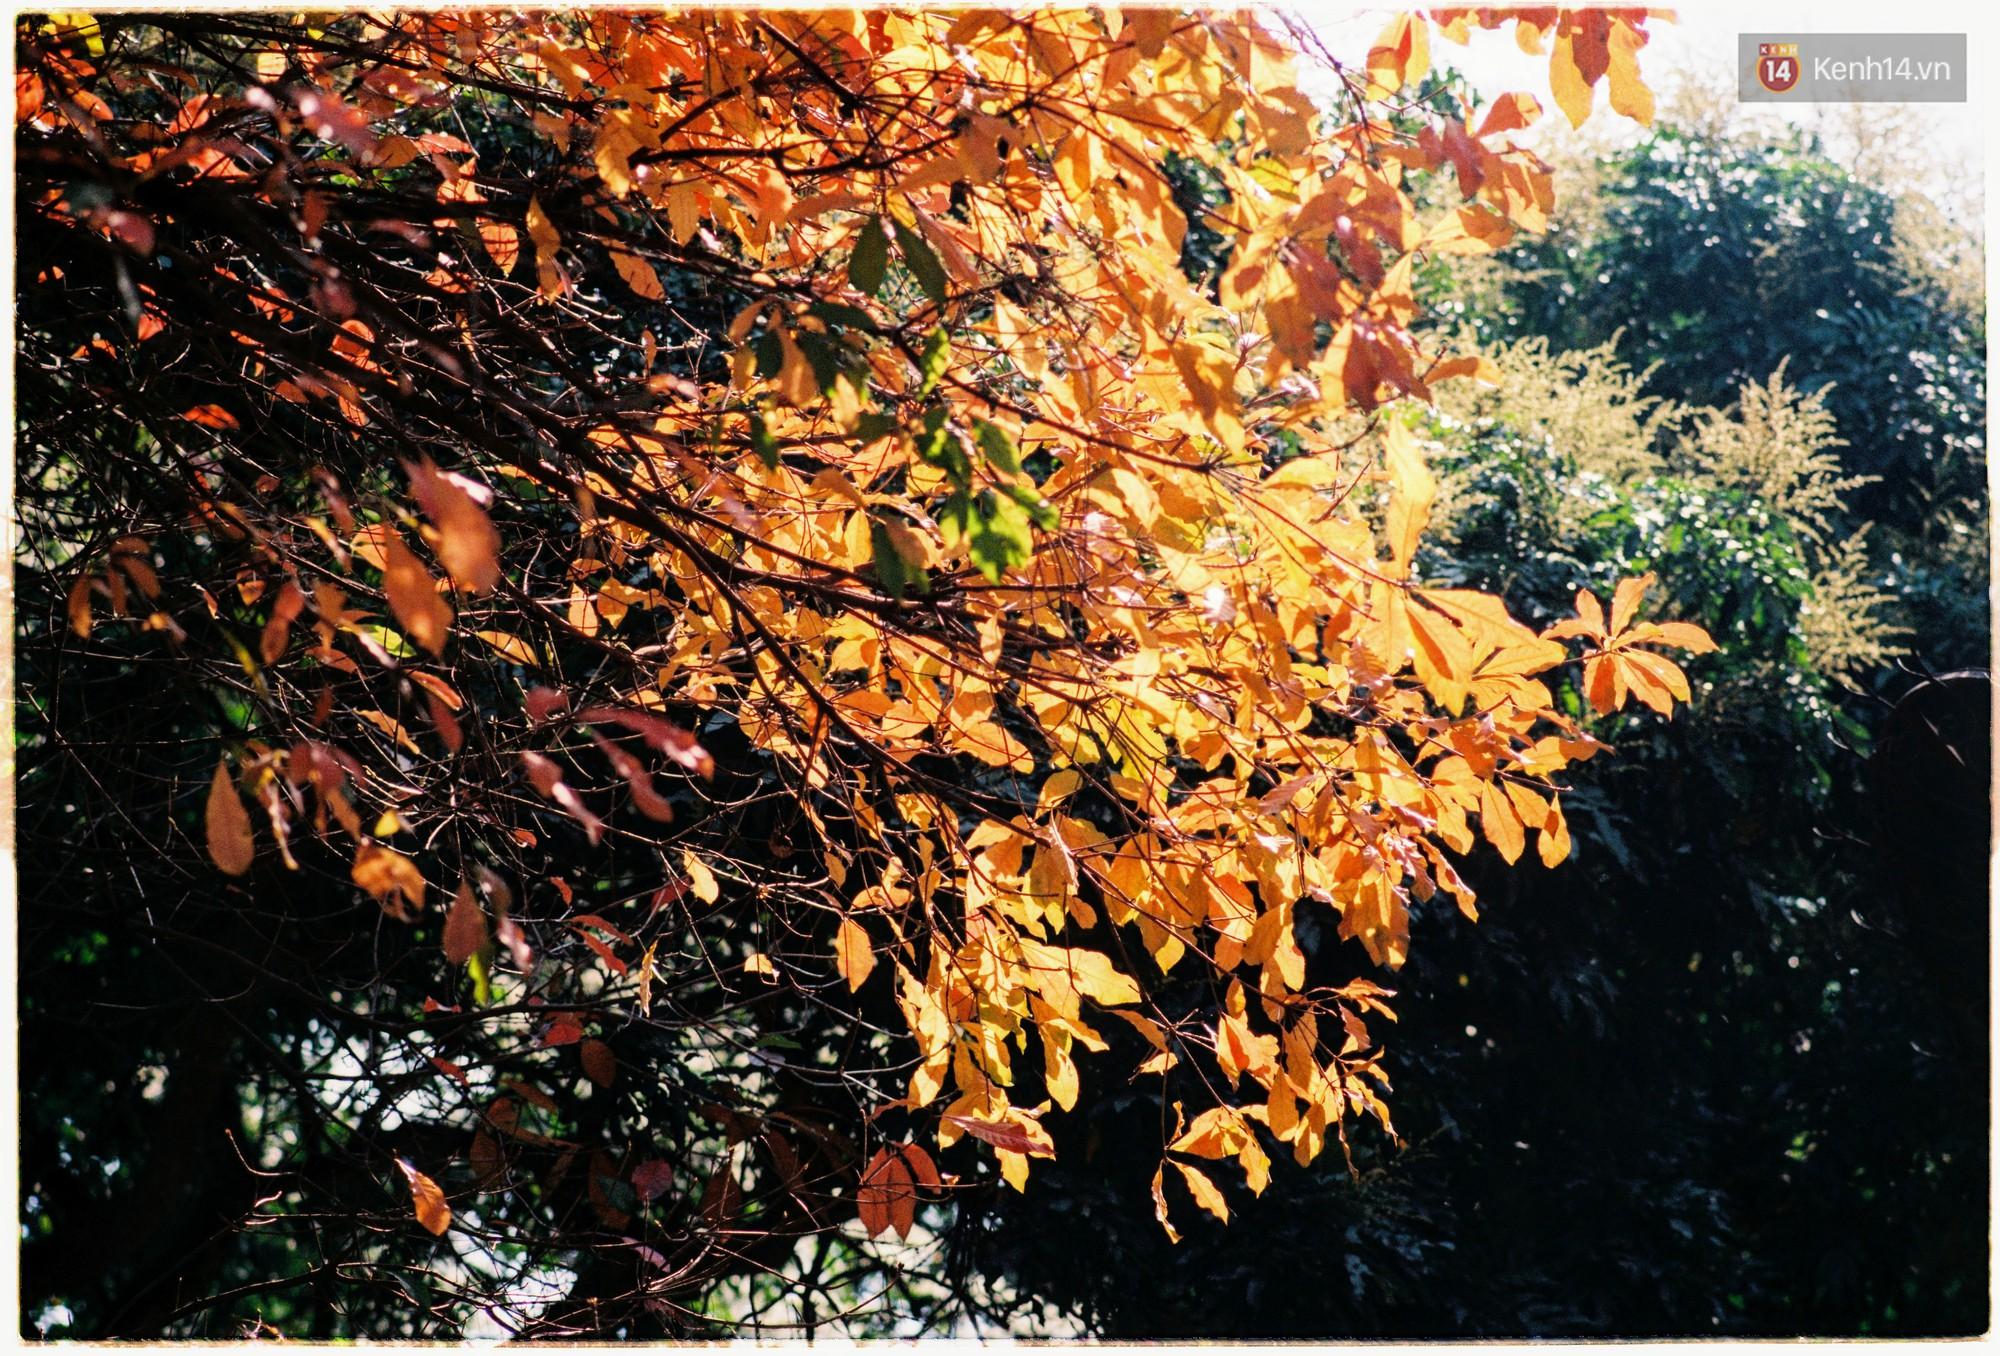 Hà Nội những ngày se lạnh, nắng đẹp và lá đỏ rợp góc phố - Ảnh 13.